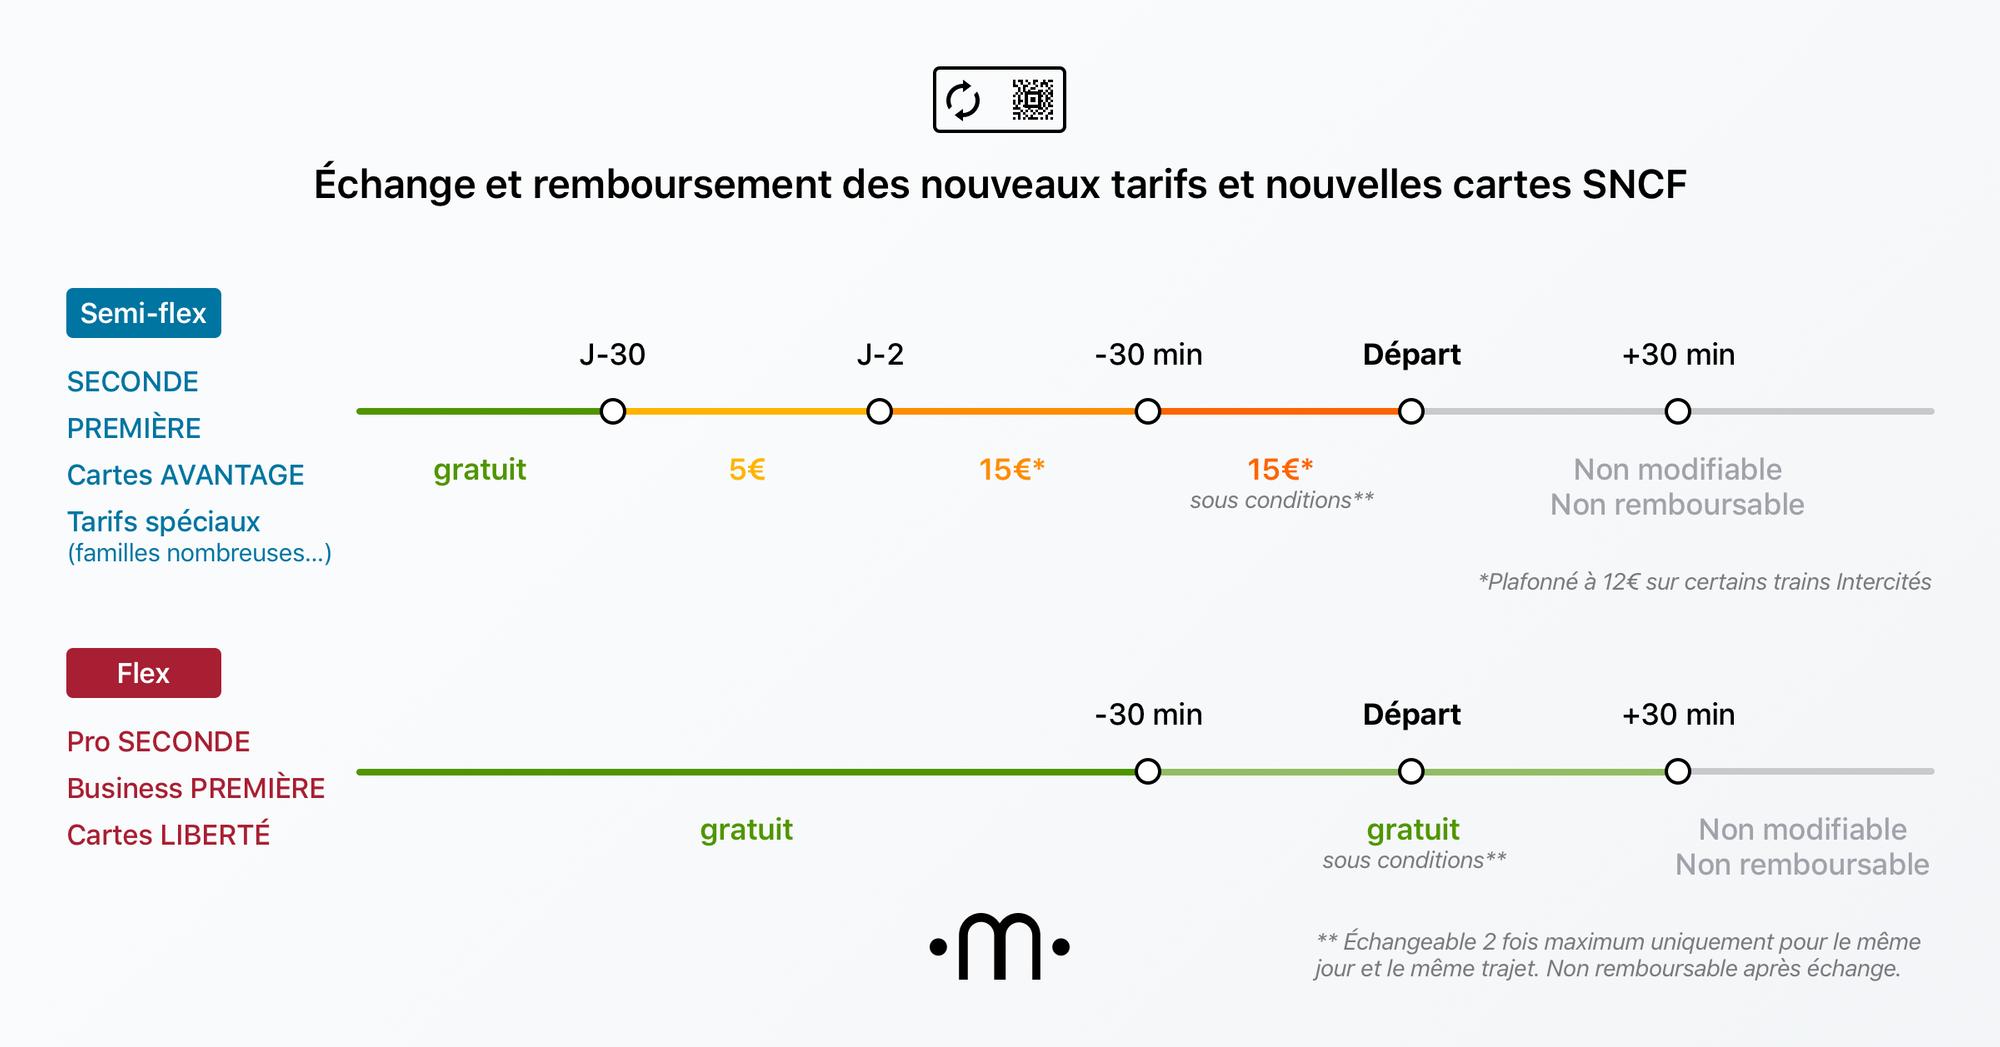 Conditions d'échange et de remboursement des billets SNCF